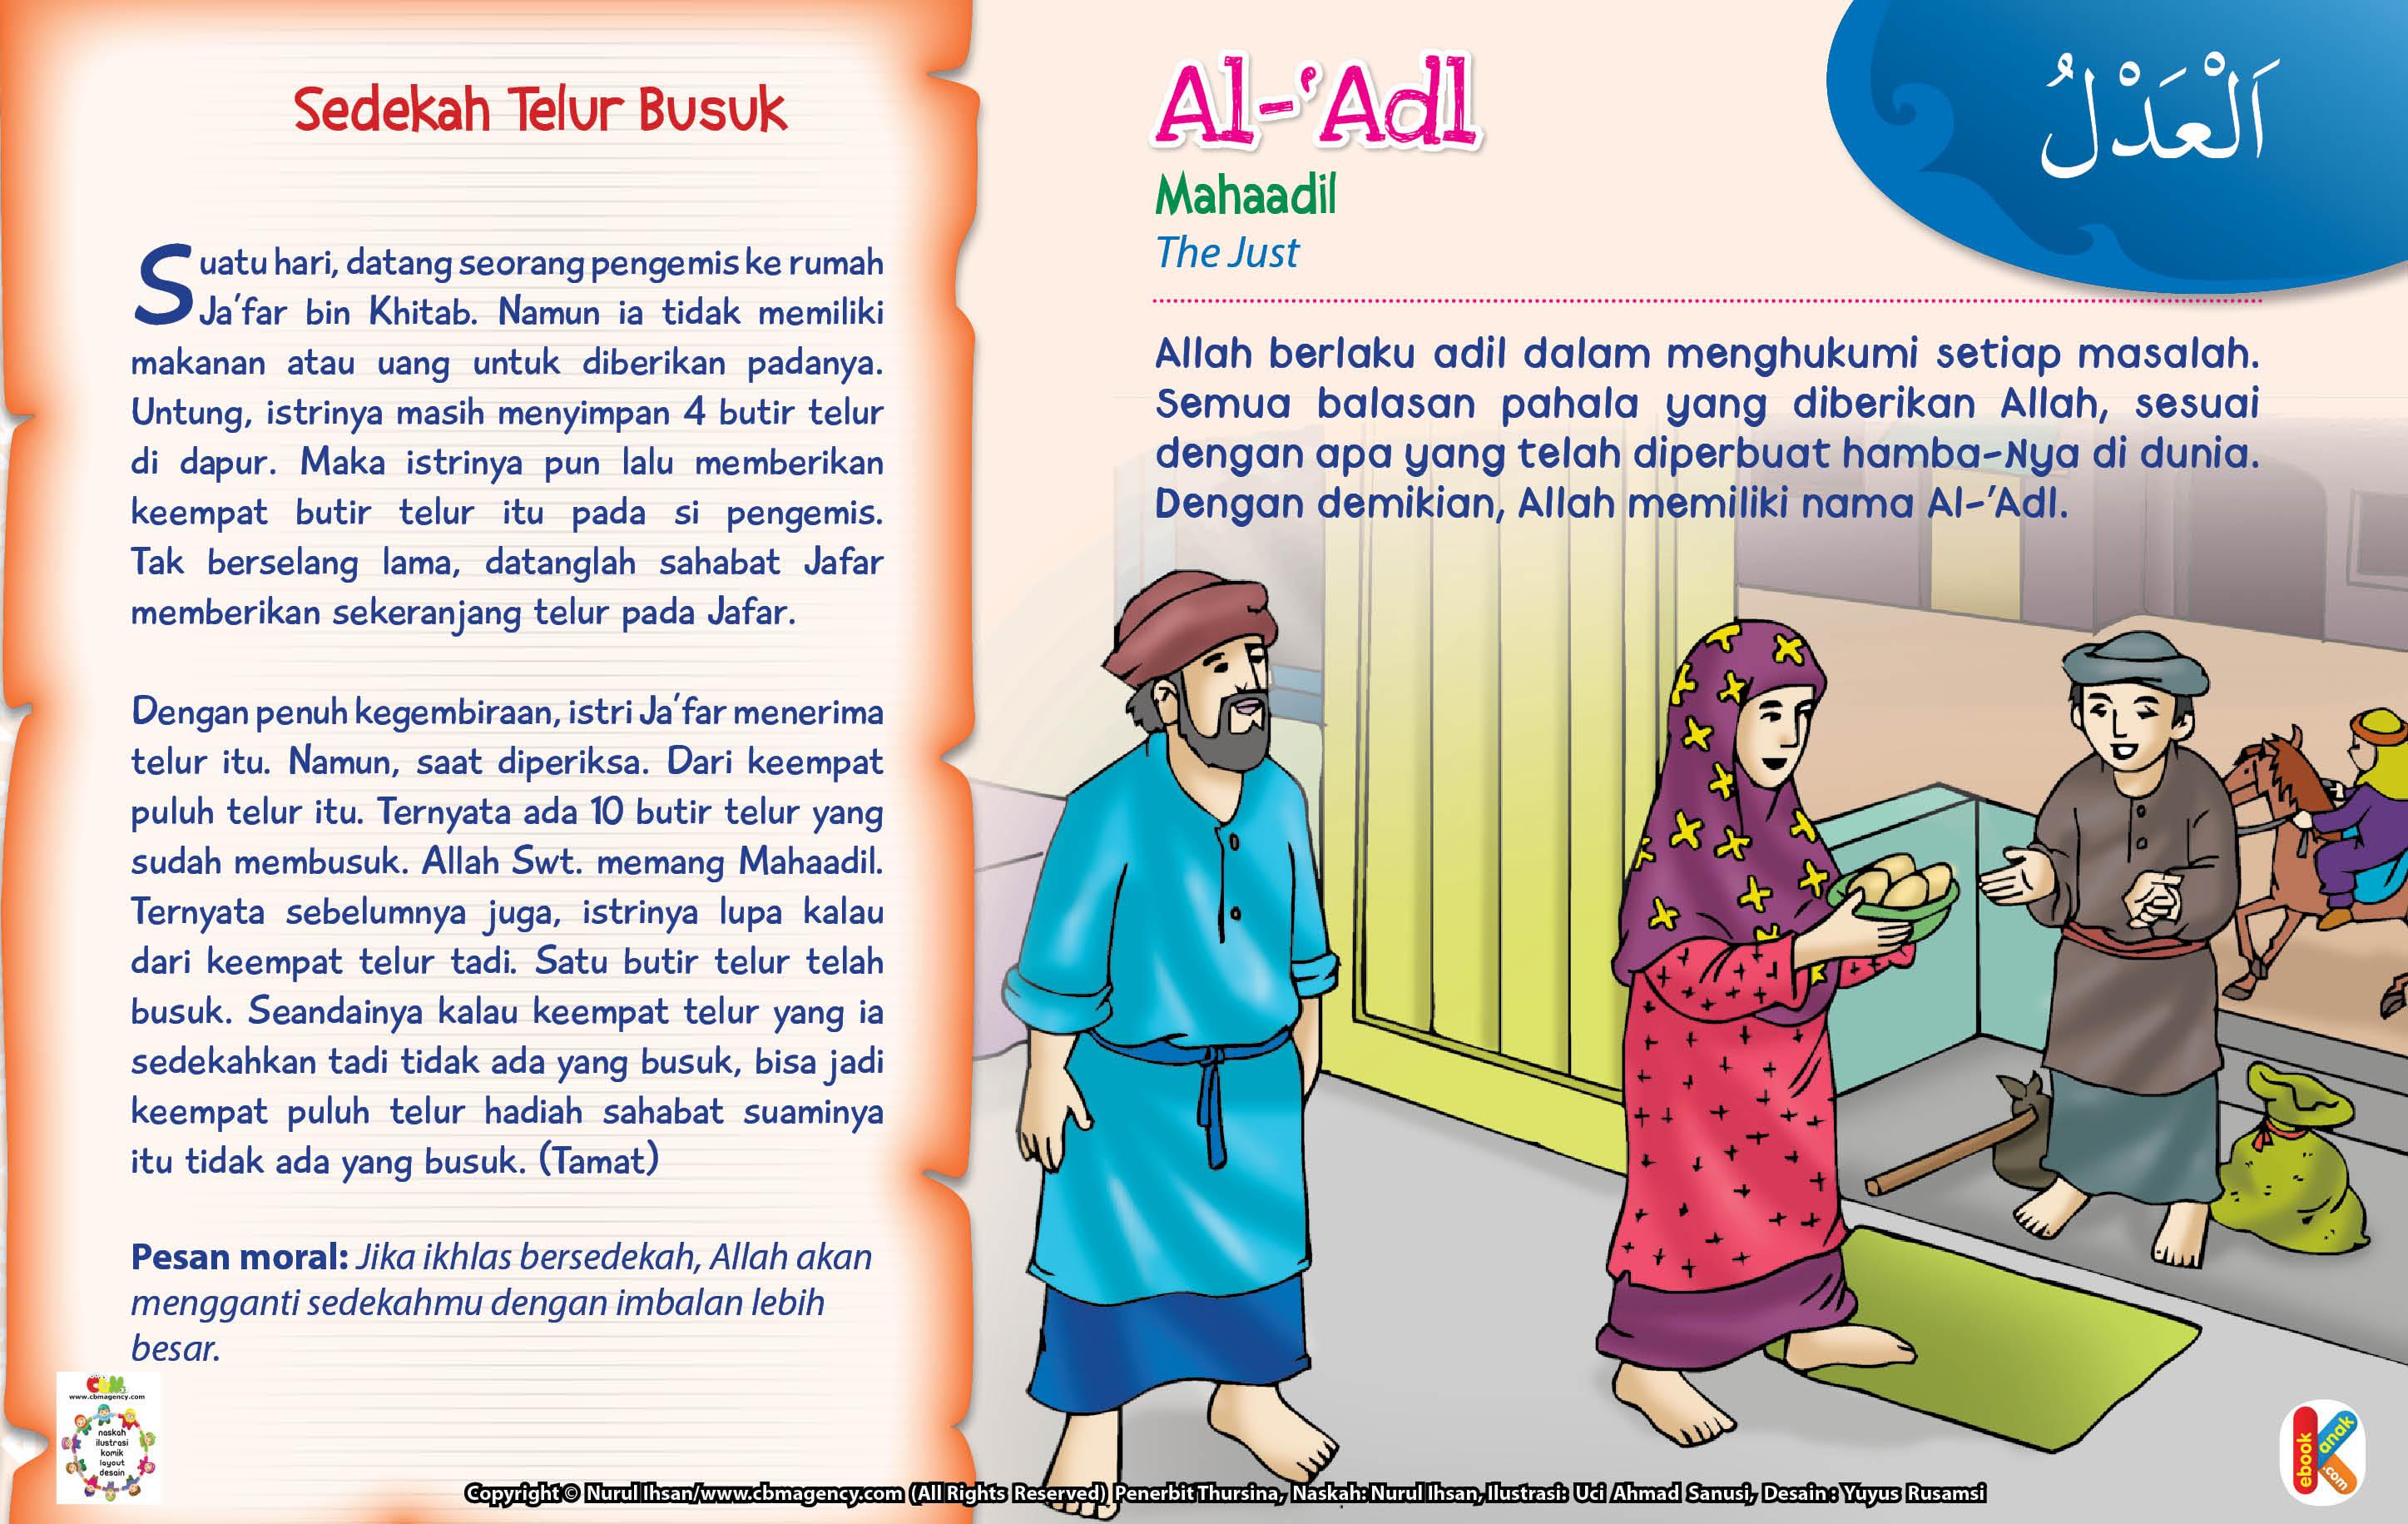 Kisah Asma Ul Husna Al Adl Ebook Anak